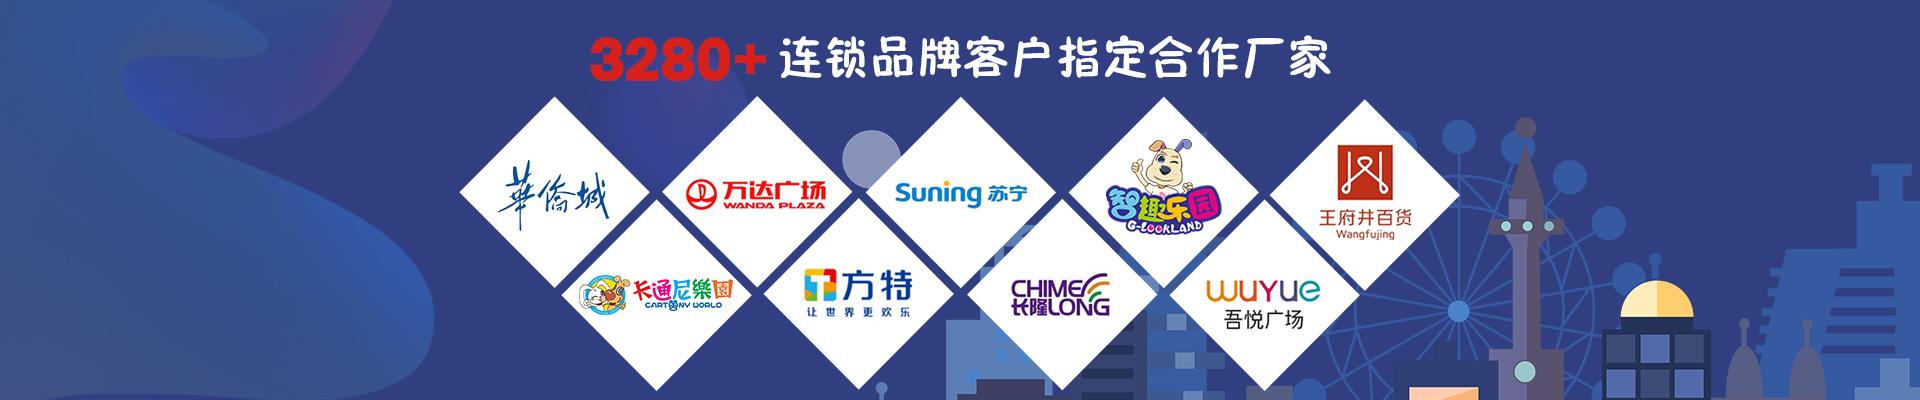 智乐,3280+连锁品牌客户指定合作厂家